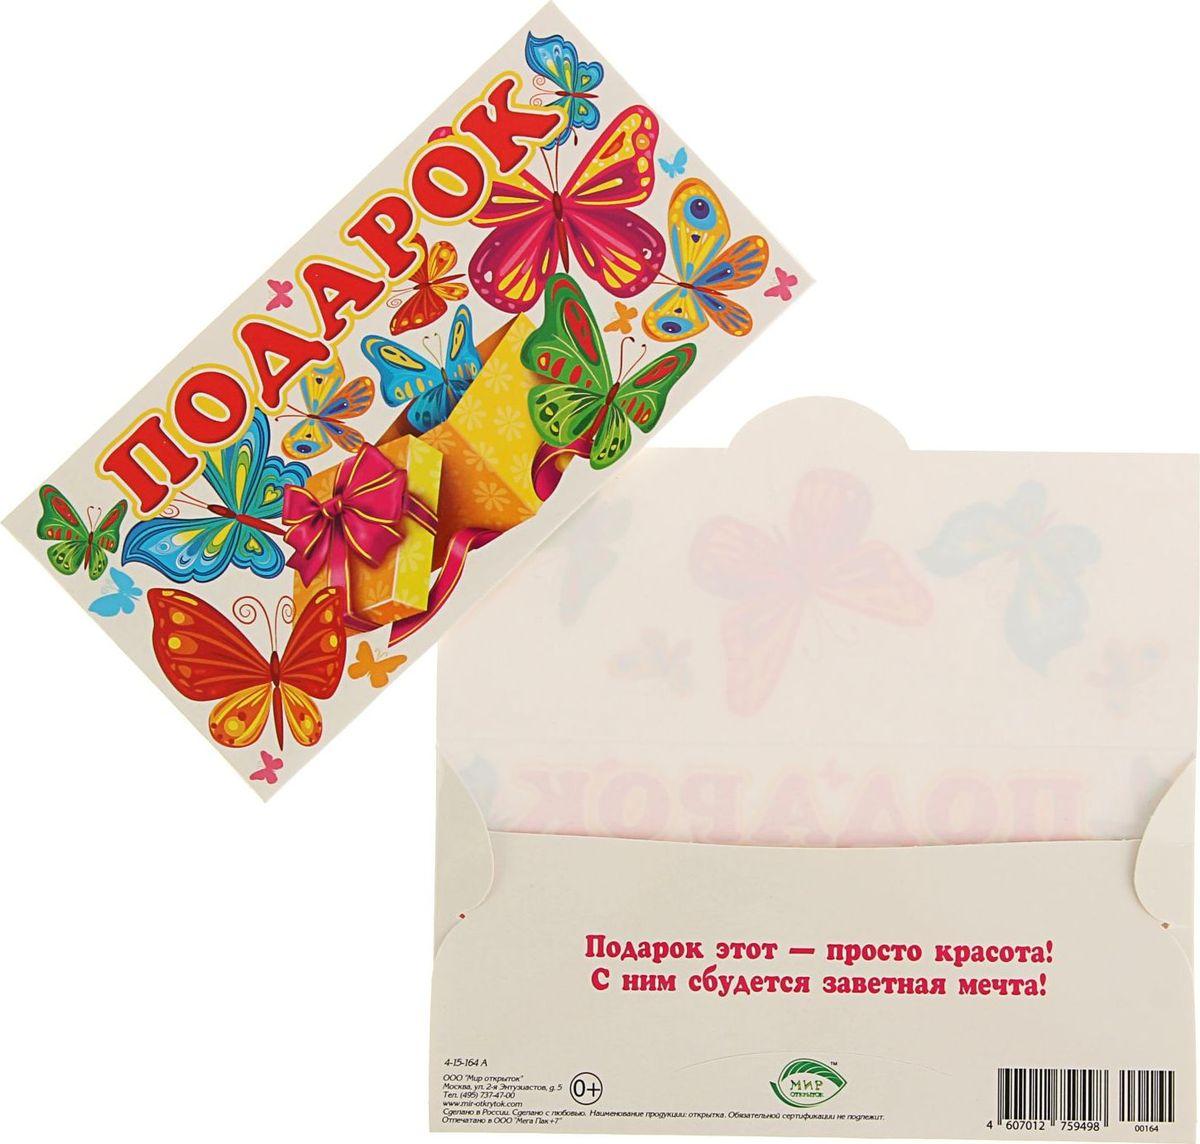 Конверт для денег Мир открыток Подарок. Коробка, бабочки, 16,4 х 8,4 см1582639Невозможно представить нашу жизнь без праздников! Мы всегда ждём их и предвкушаем, обдумываем, как проведём памятный день, тщательно выбираем подарки и аксессуары, ведь именно они создают и поддерживают торжественный настрой. Этот конверт - отличный выбор, который привнесёт атмосферу праздника в ваш дом!